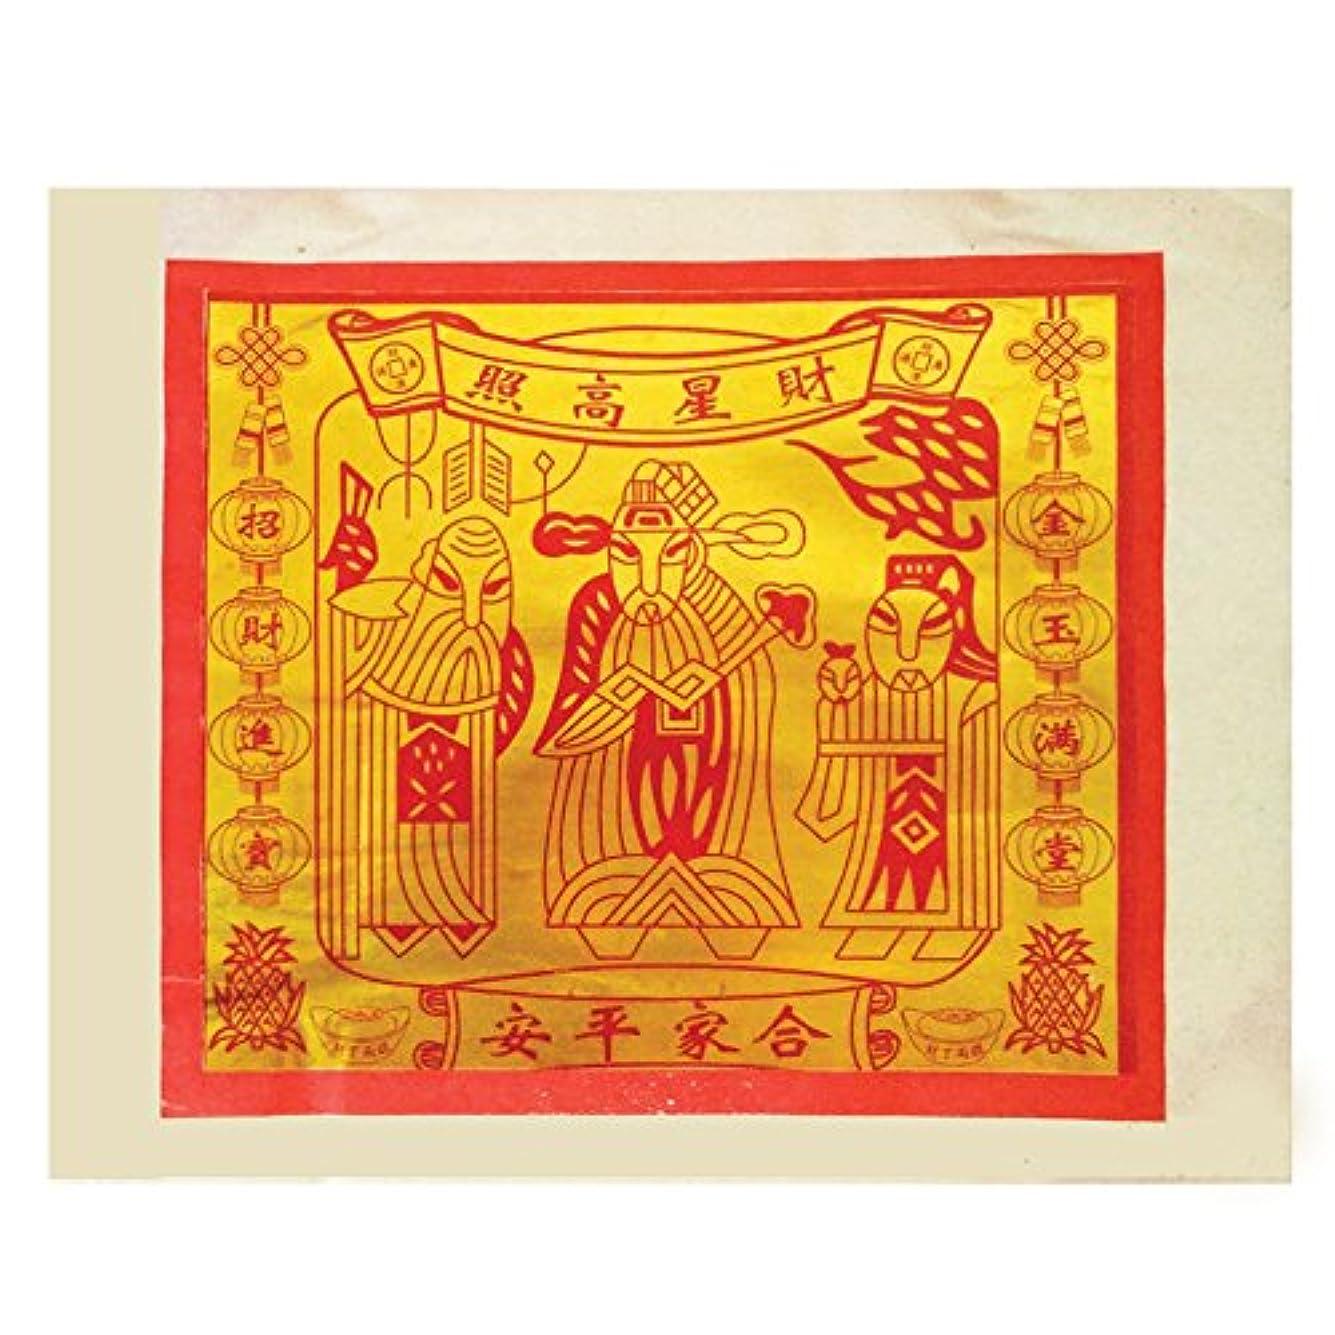 測る閉じる放牧する80pcs Incense用紙/ Joss用紙with Gold Foil ( Mediumサイズ) 10.6インチx 10.4インチ